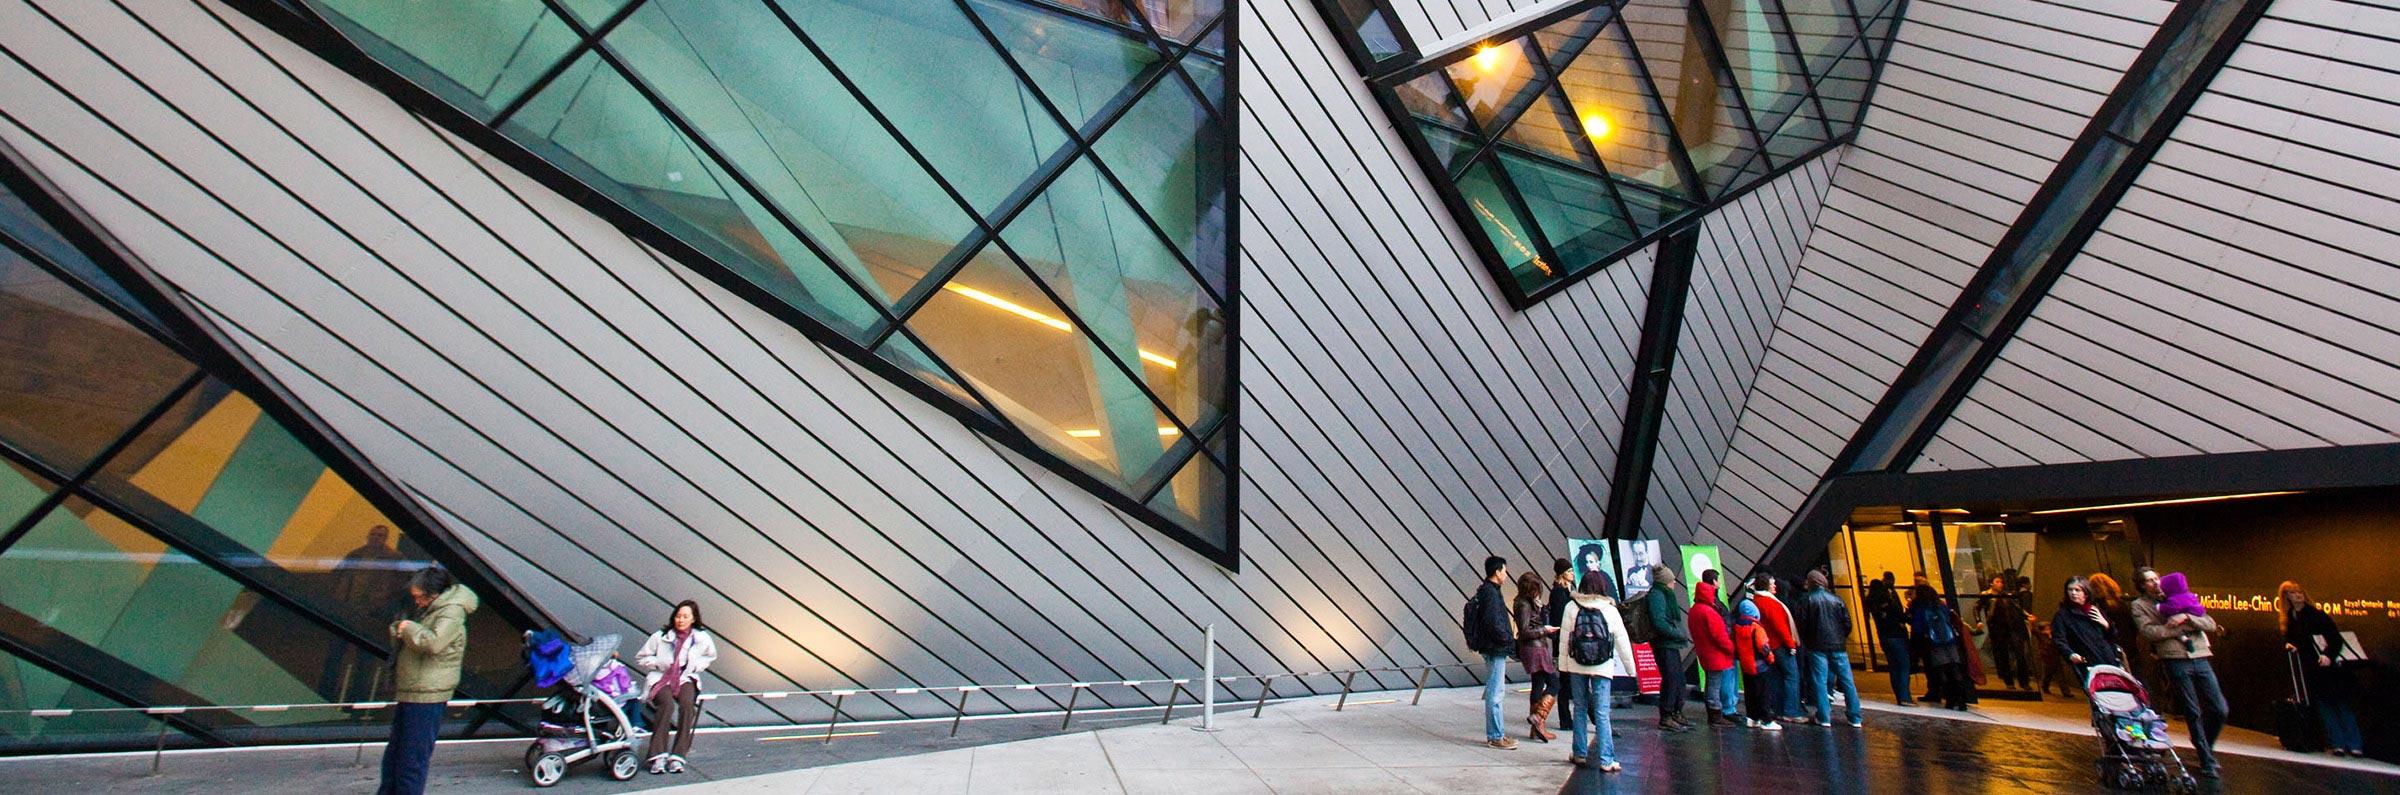 Arte y cultura in Toronto